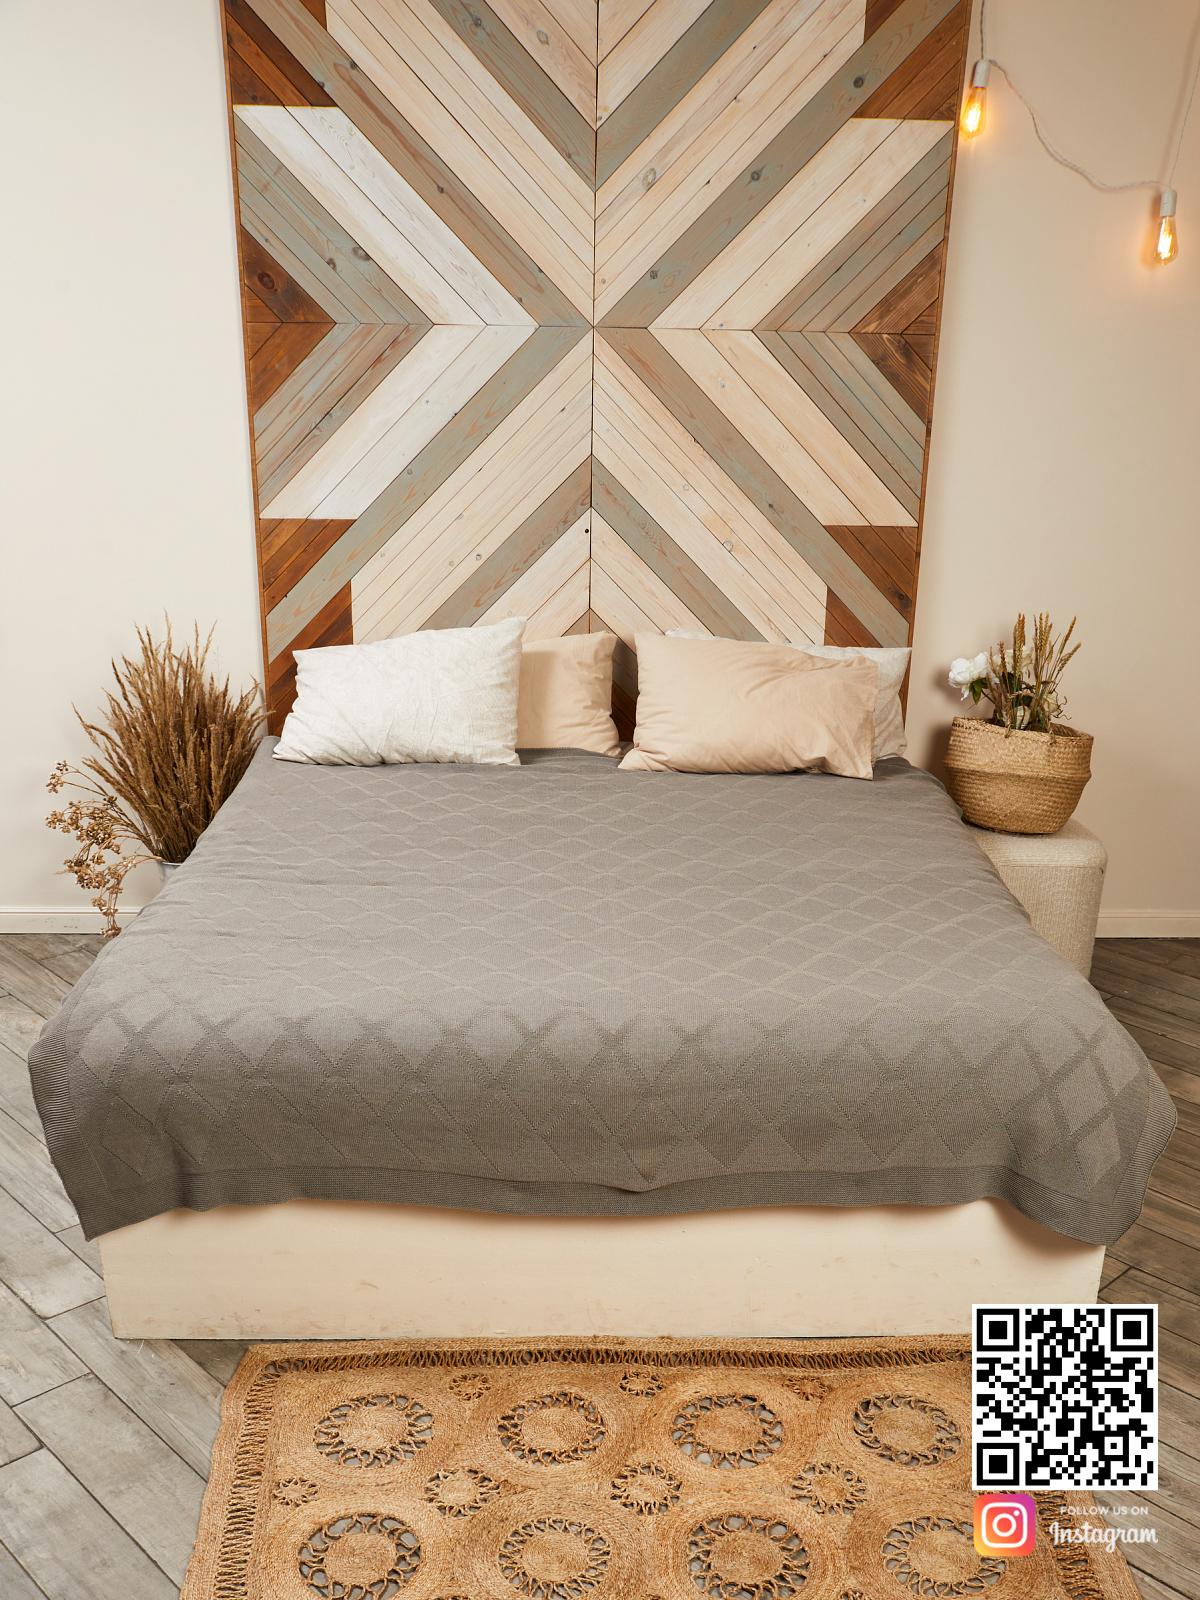 На шестой фотографии вязаный плед ромбами в интерьере на кровати в интернет-магазине Shapar, бренда трикотажа и связанной одежды ручной работы.